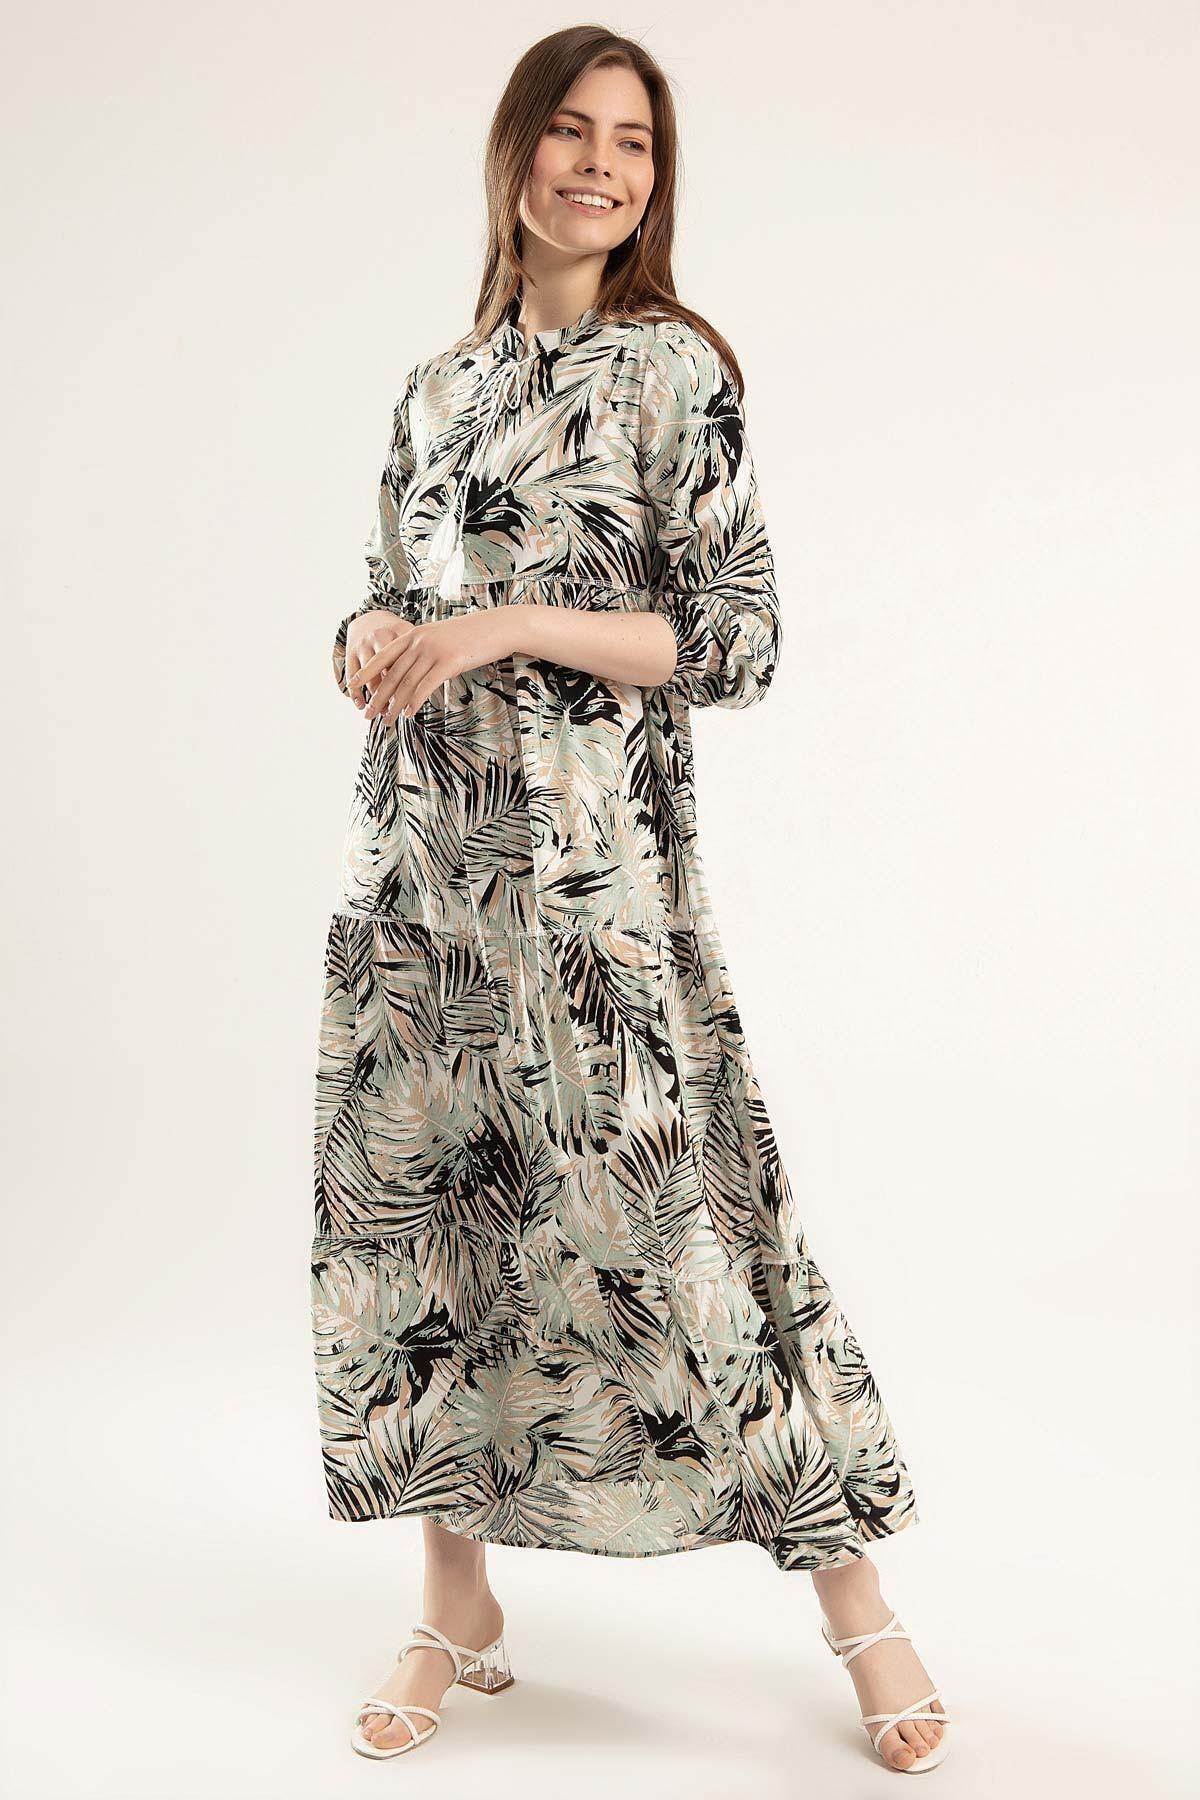 Pattaya Kadın Baskılı Viskon Uzun Elbise Y20s110-1627-1 1